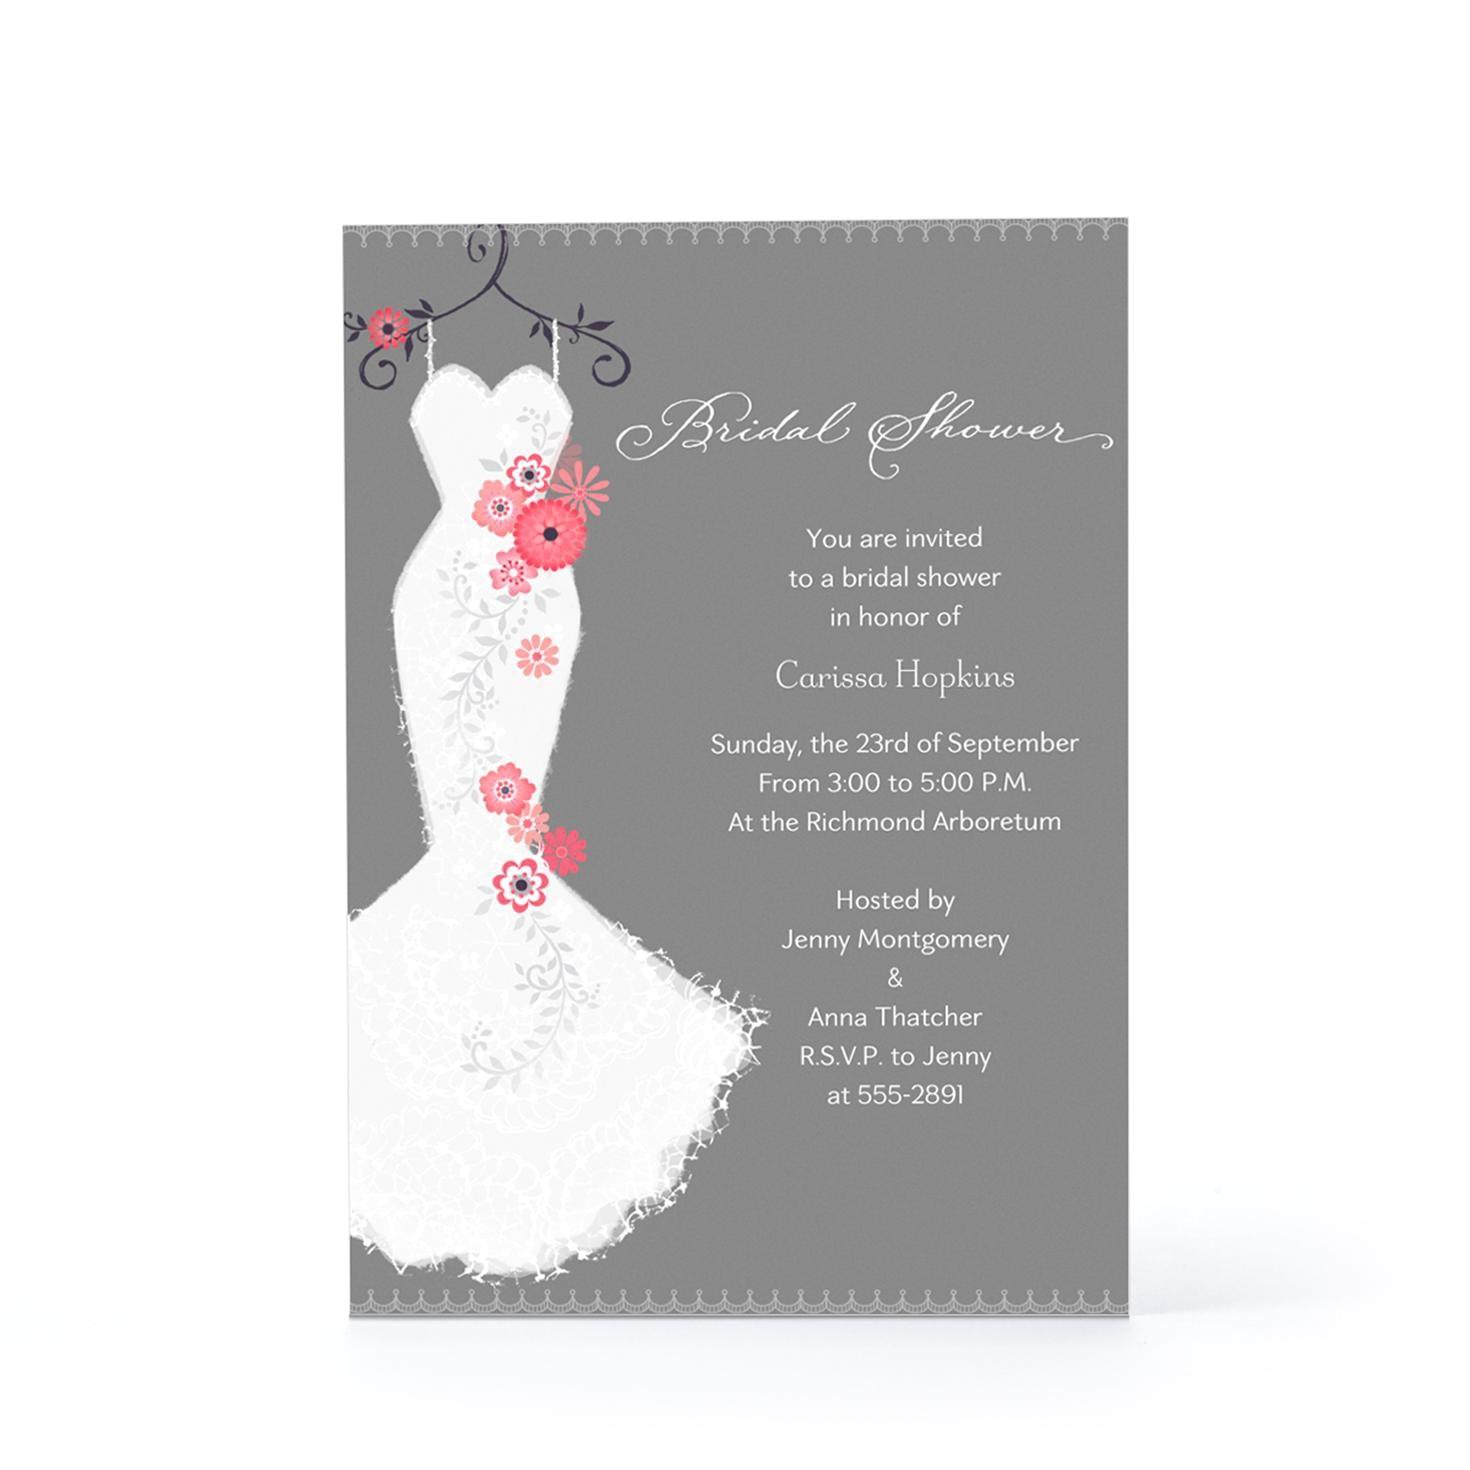 hallmark free printable wedding invitation